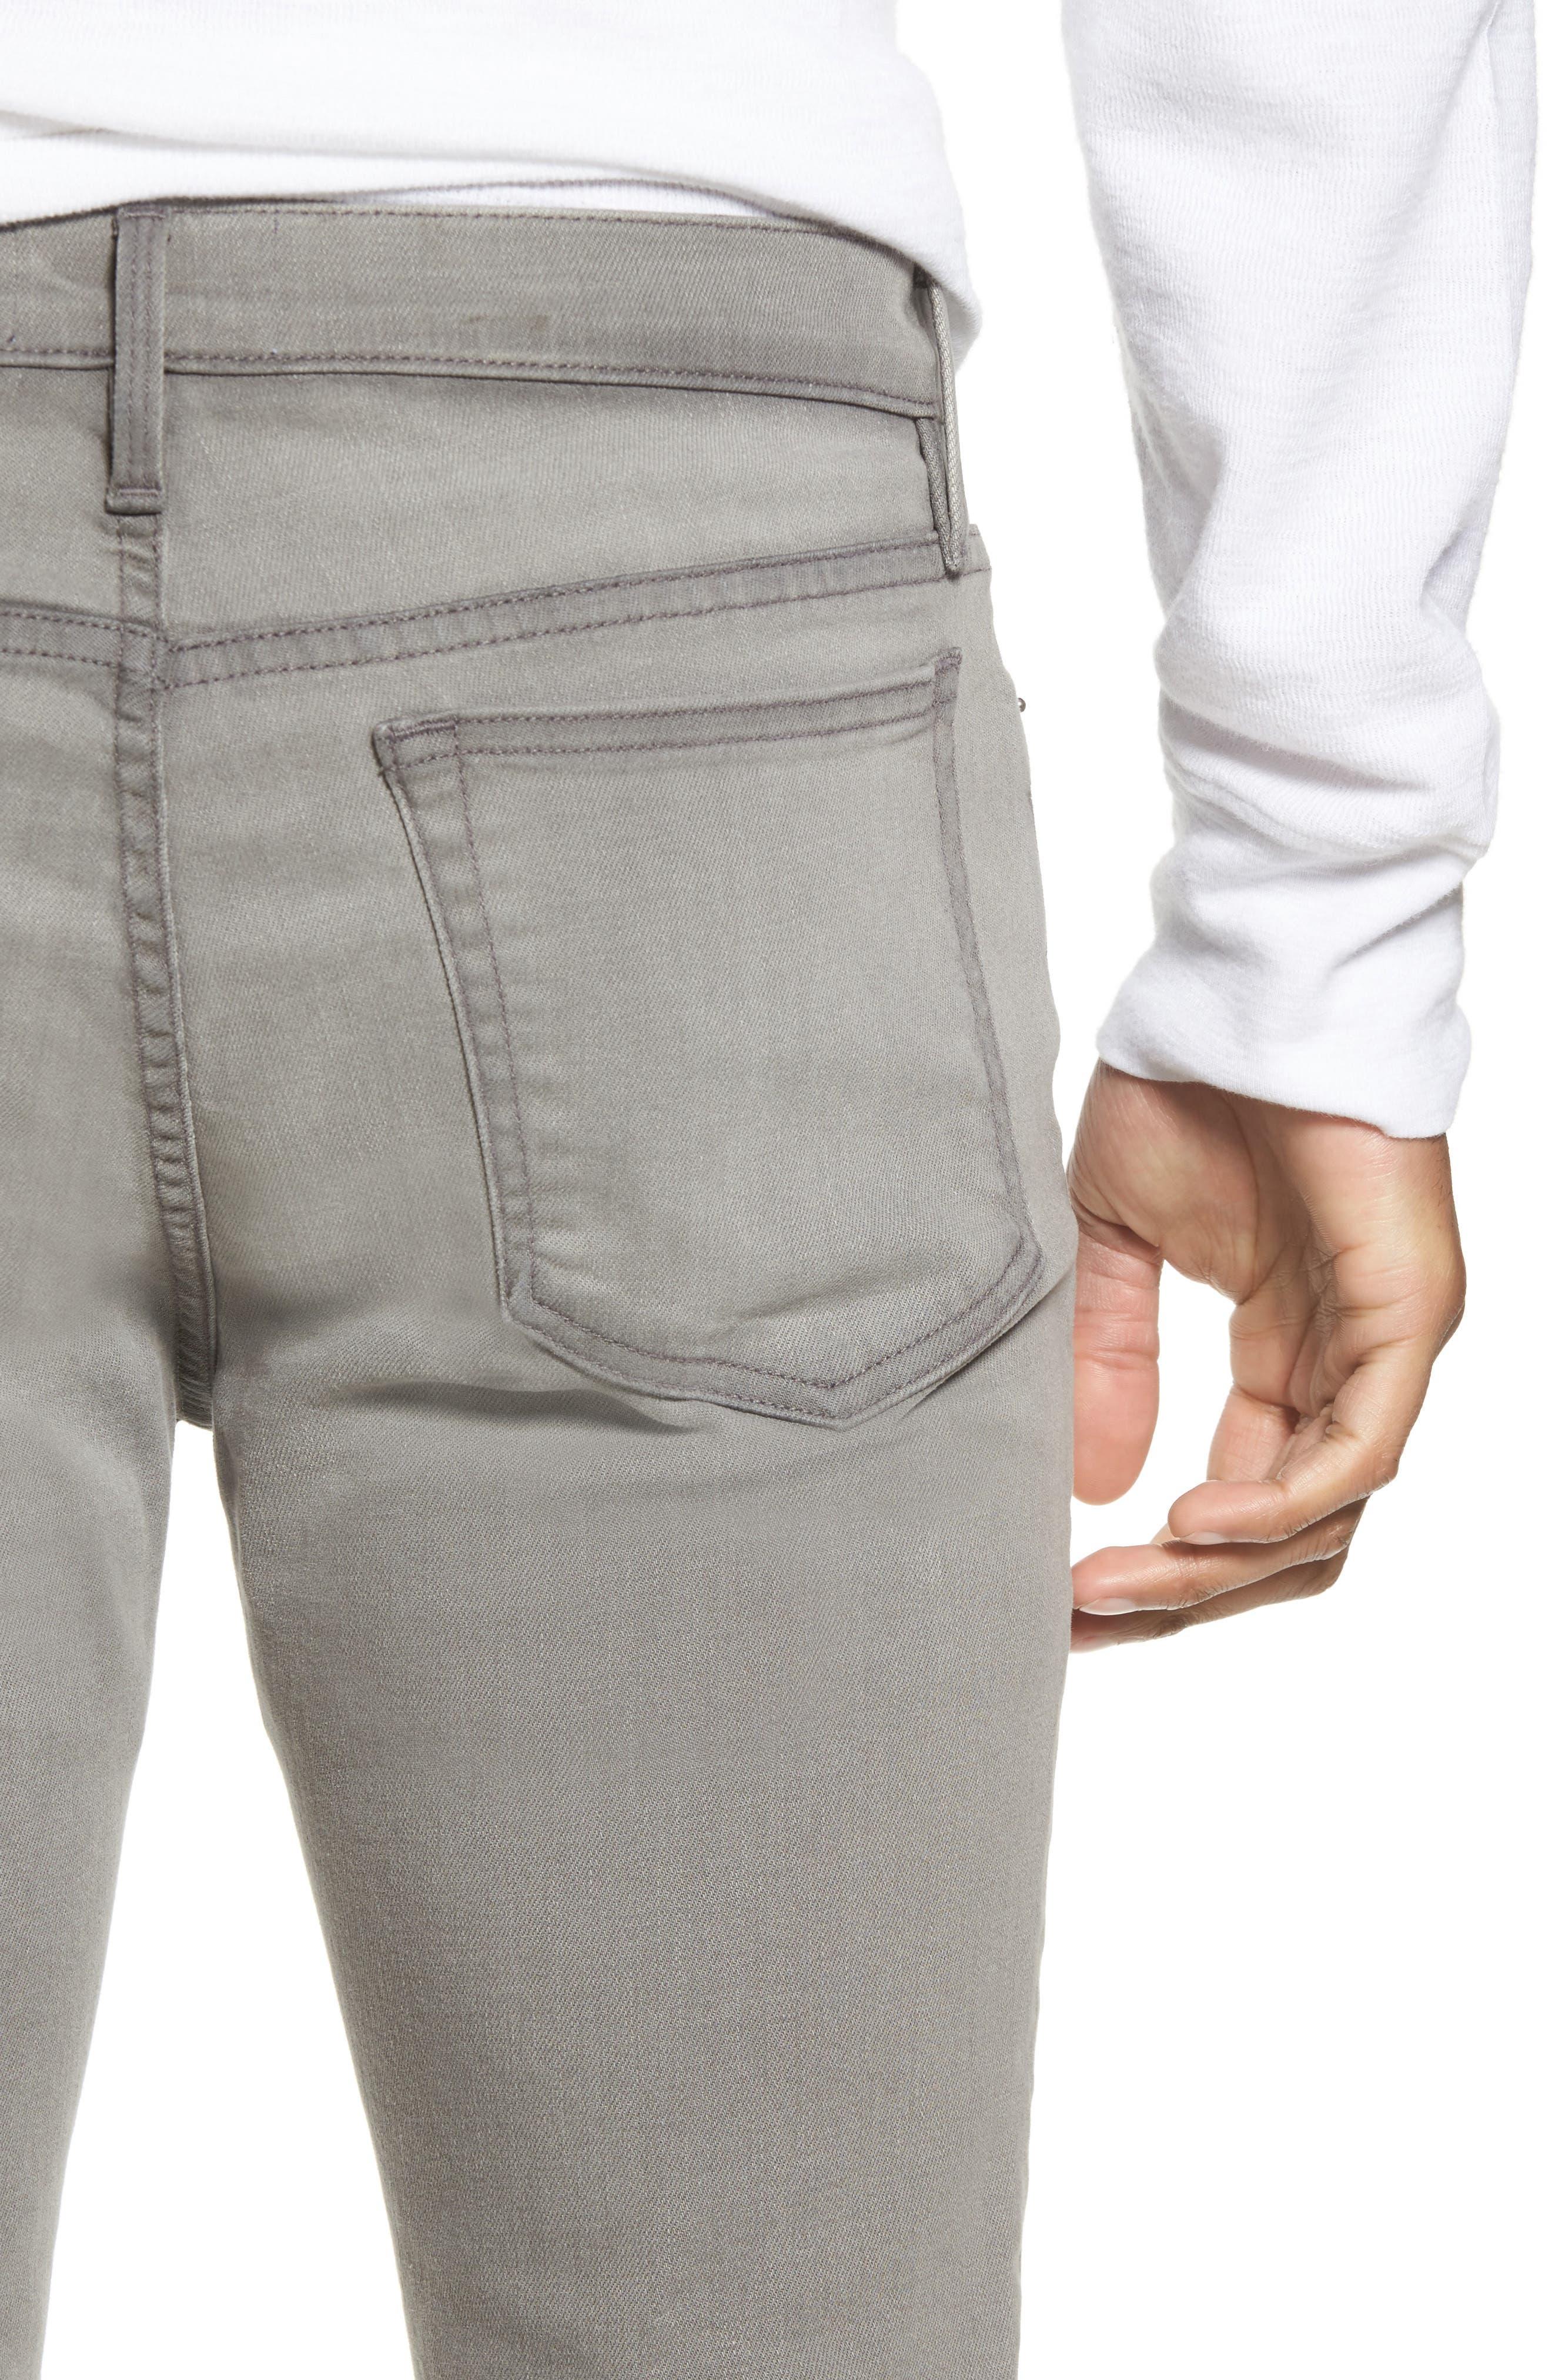 L'Homme Slim Fit Jeans,                             Alternate thumbnail 4, color,                             030